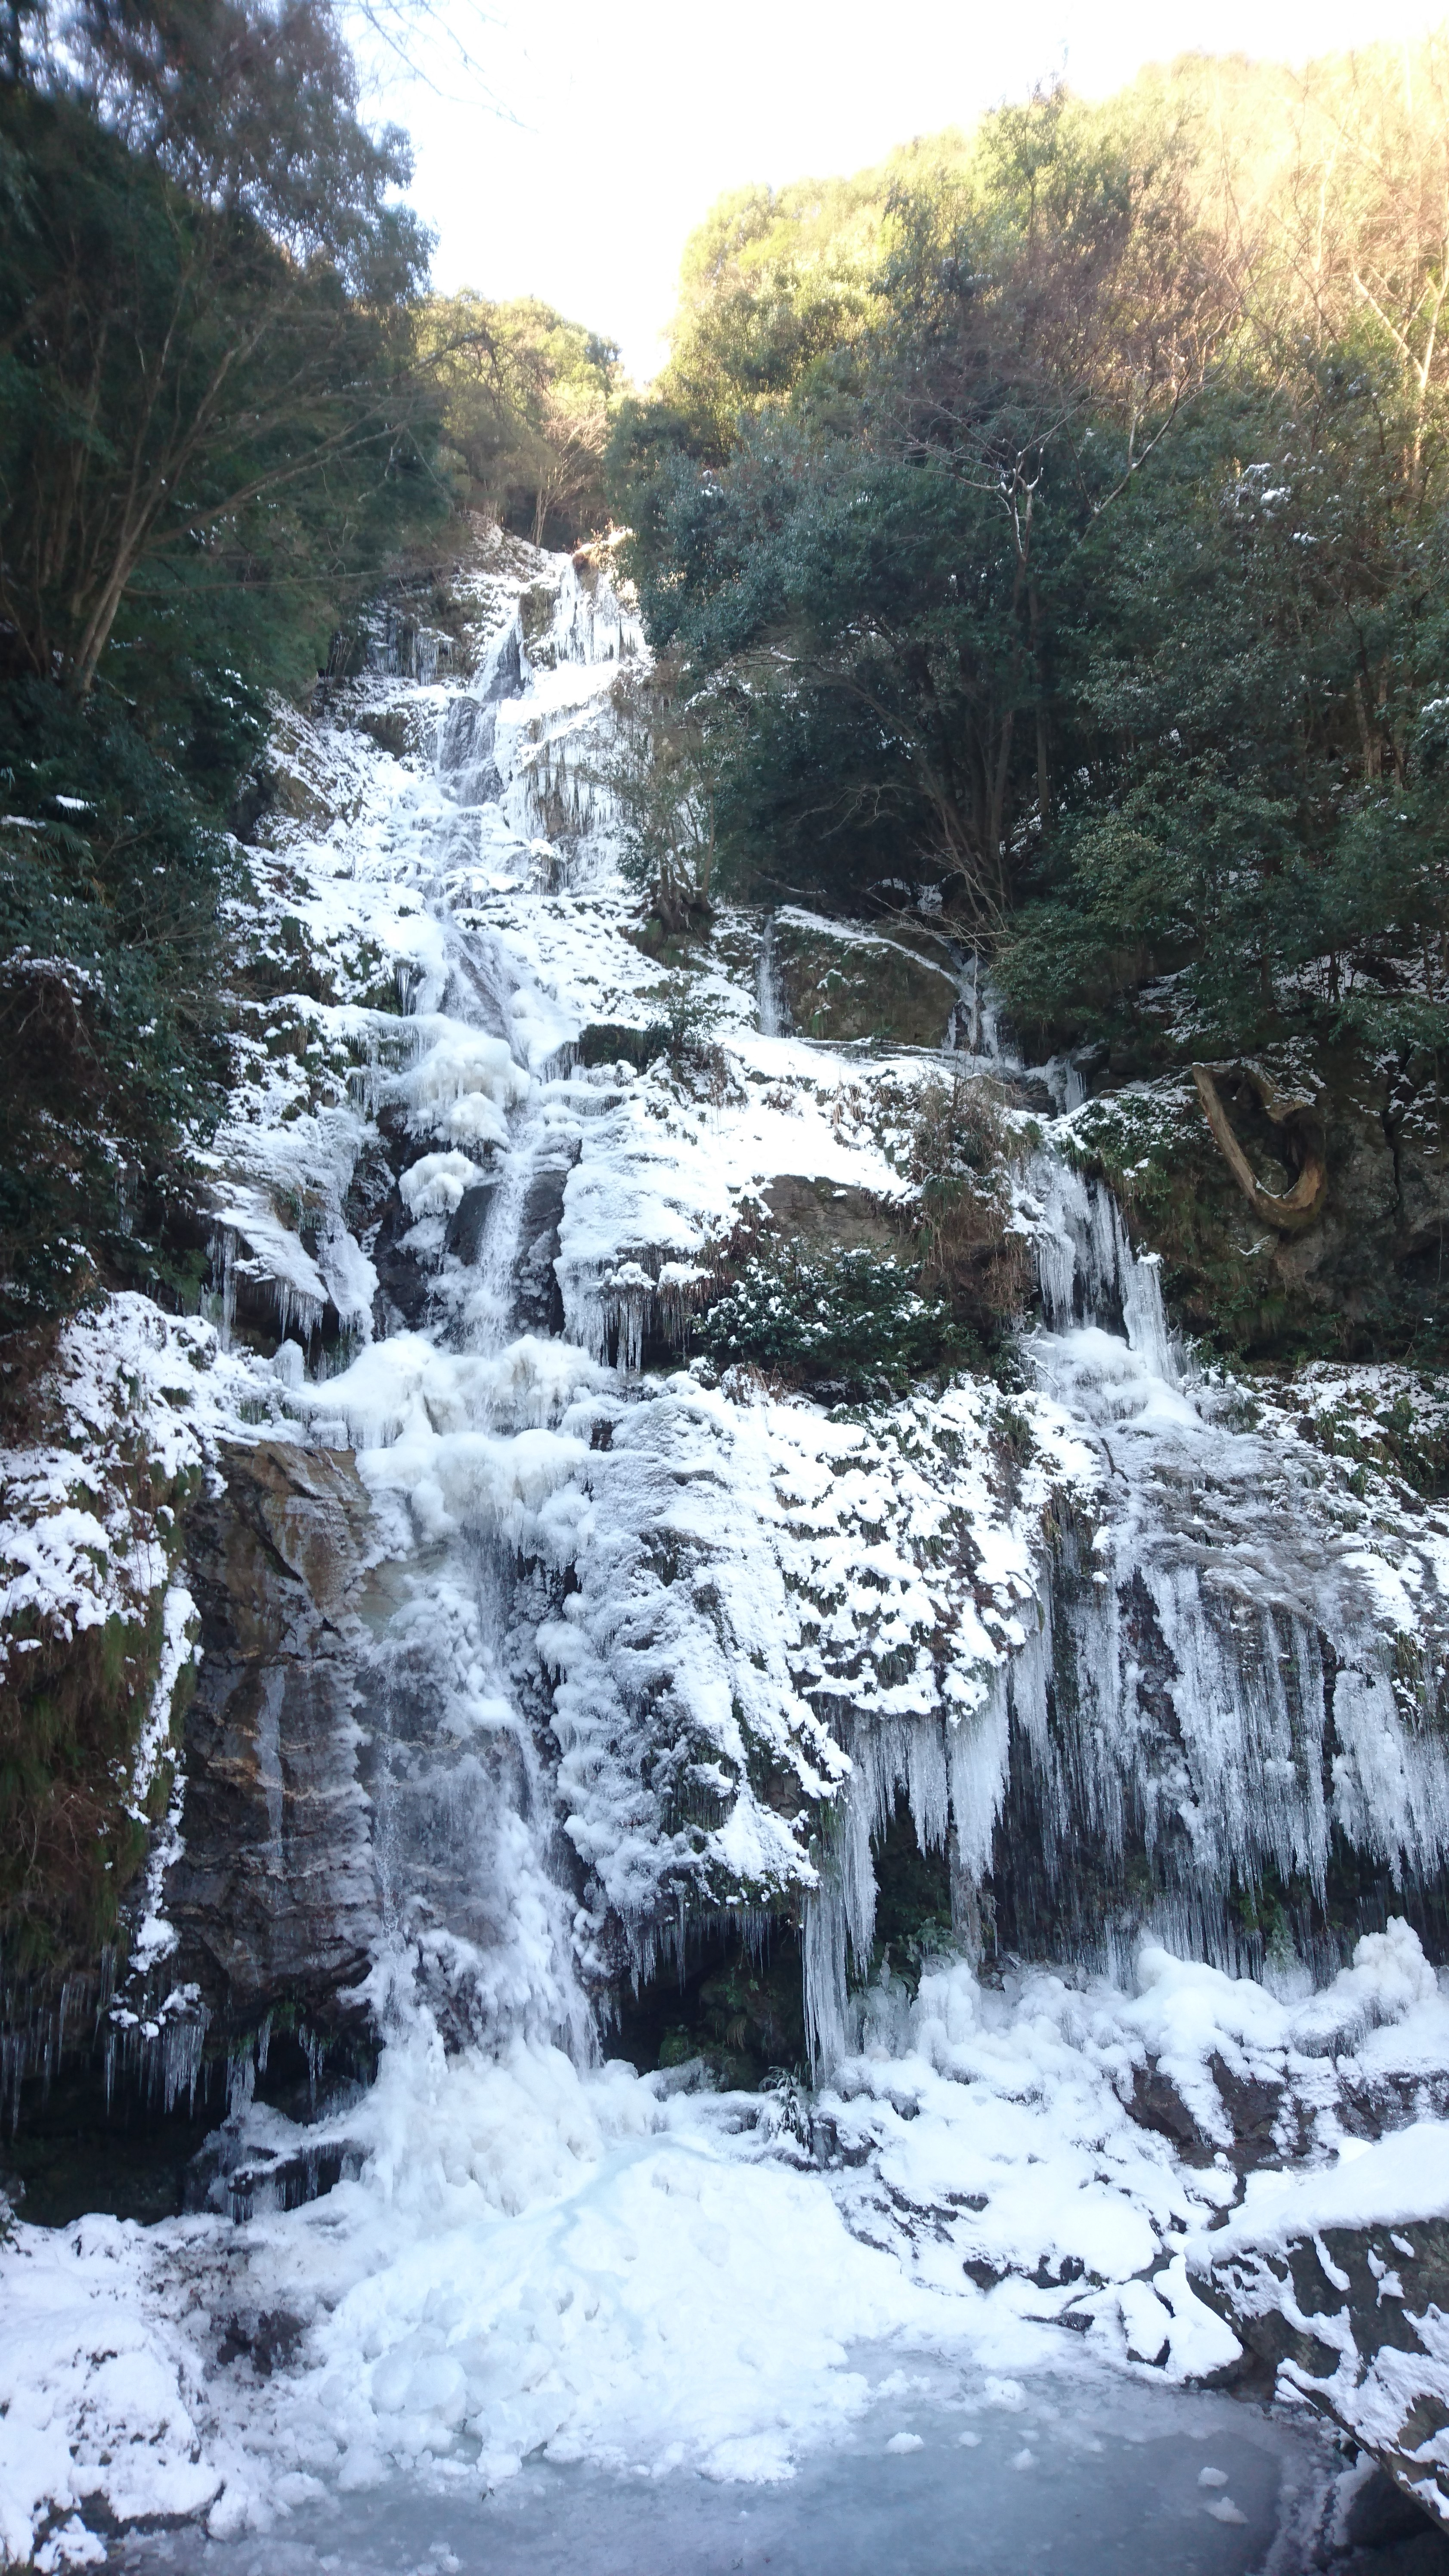 徳島県内随一の落差を誇る鳴滝の氷瀑。